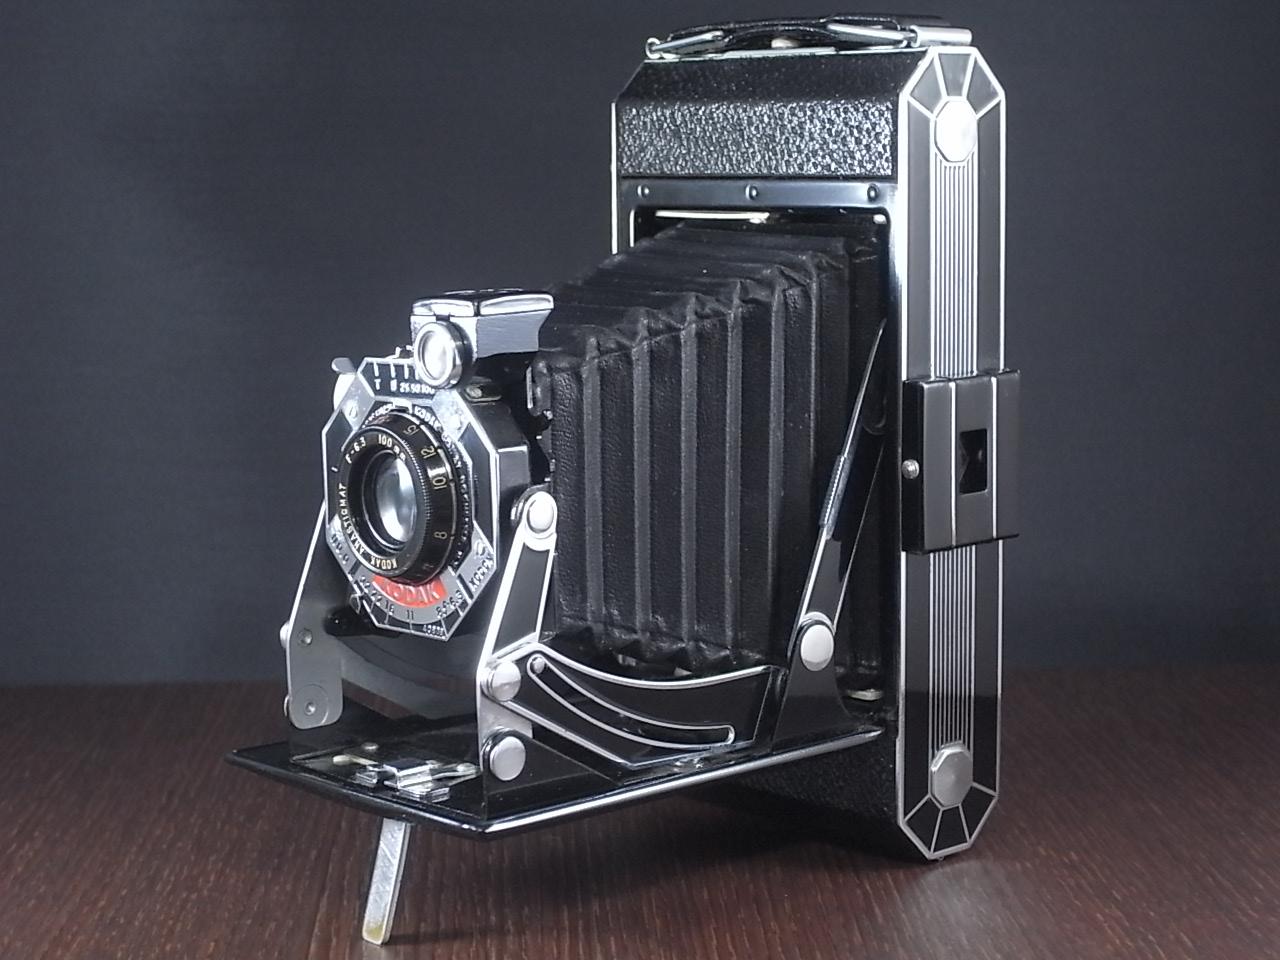 コダック アールデコ 蛇腹カメラ SIX-20 ブラックのメイン写真